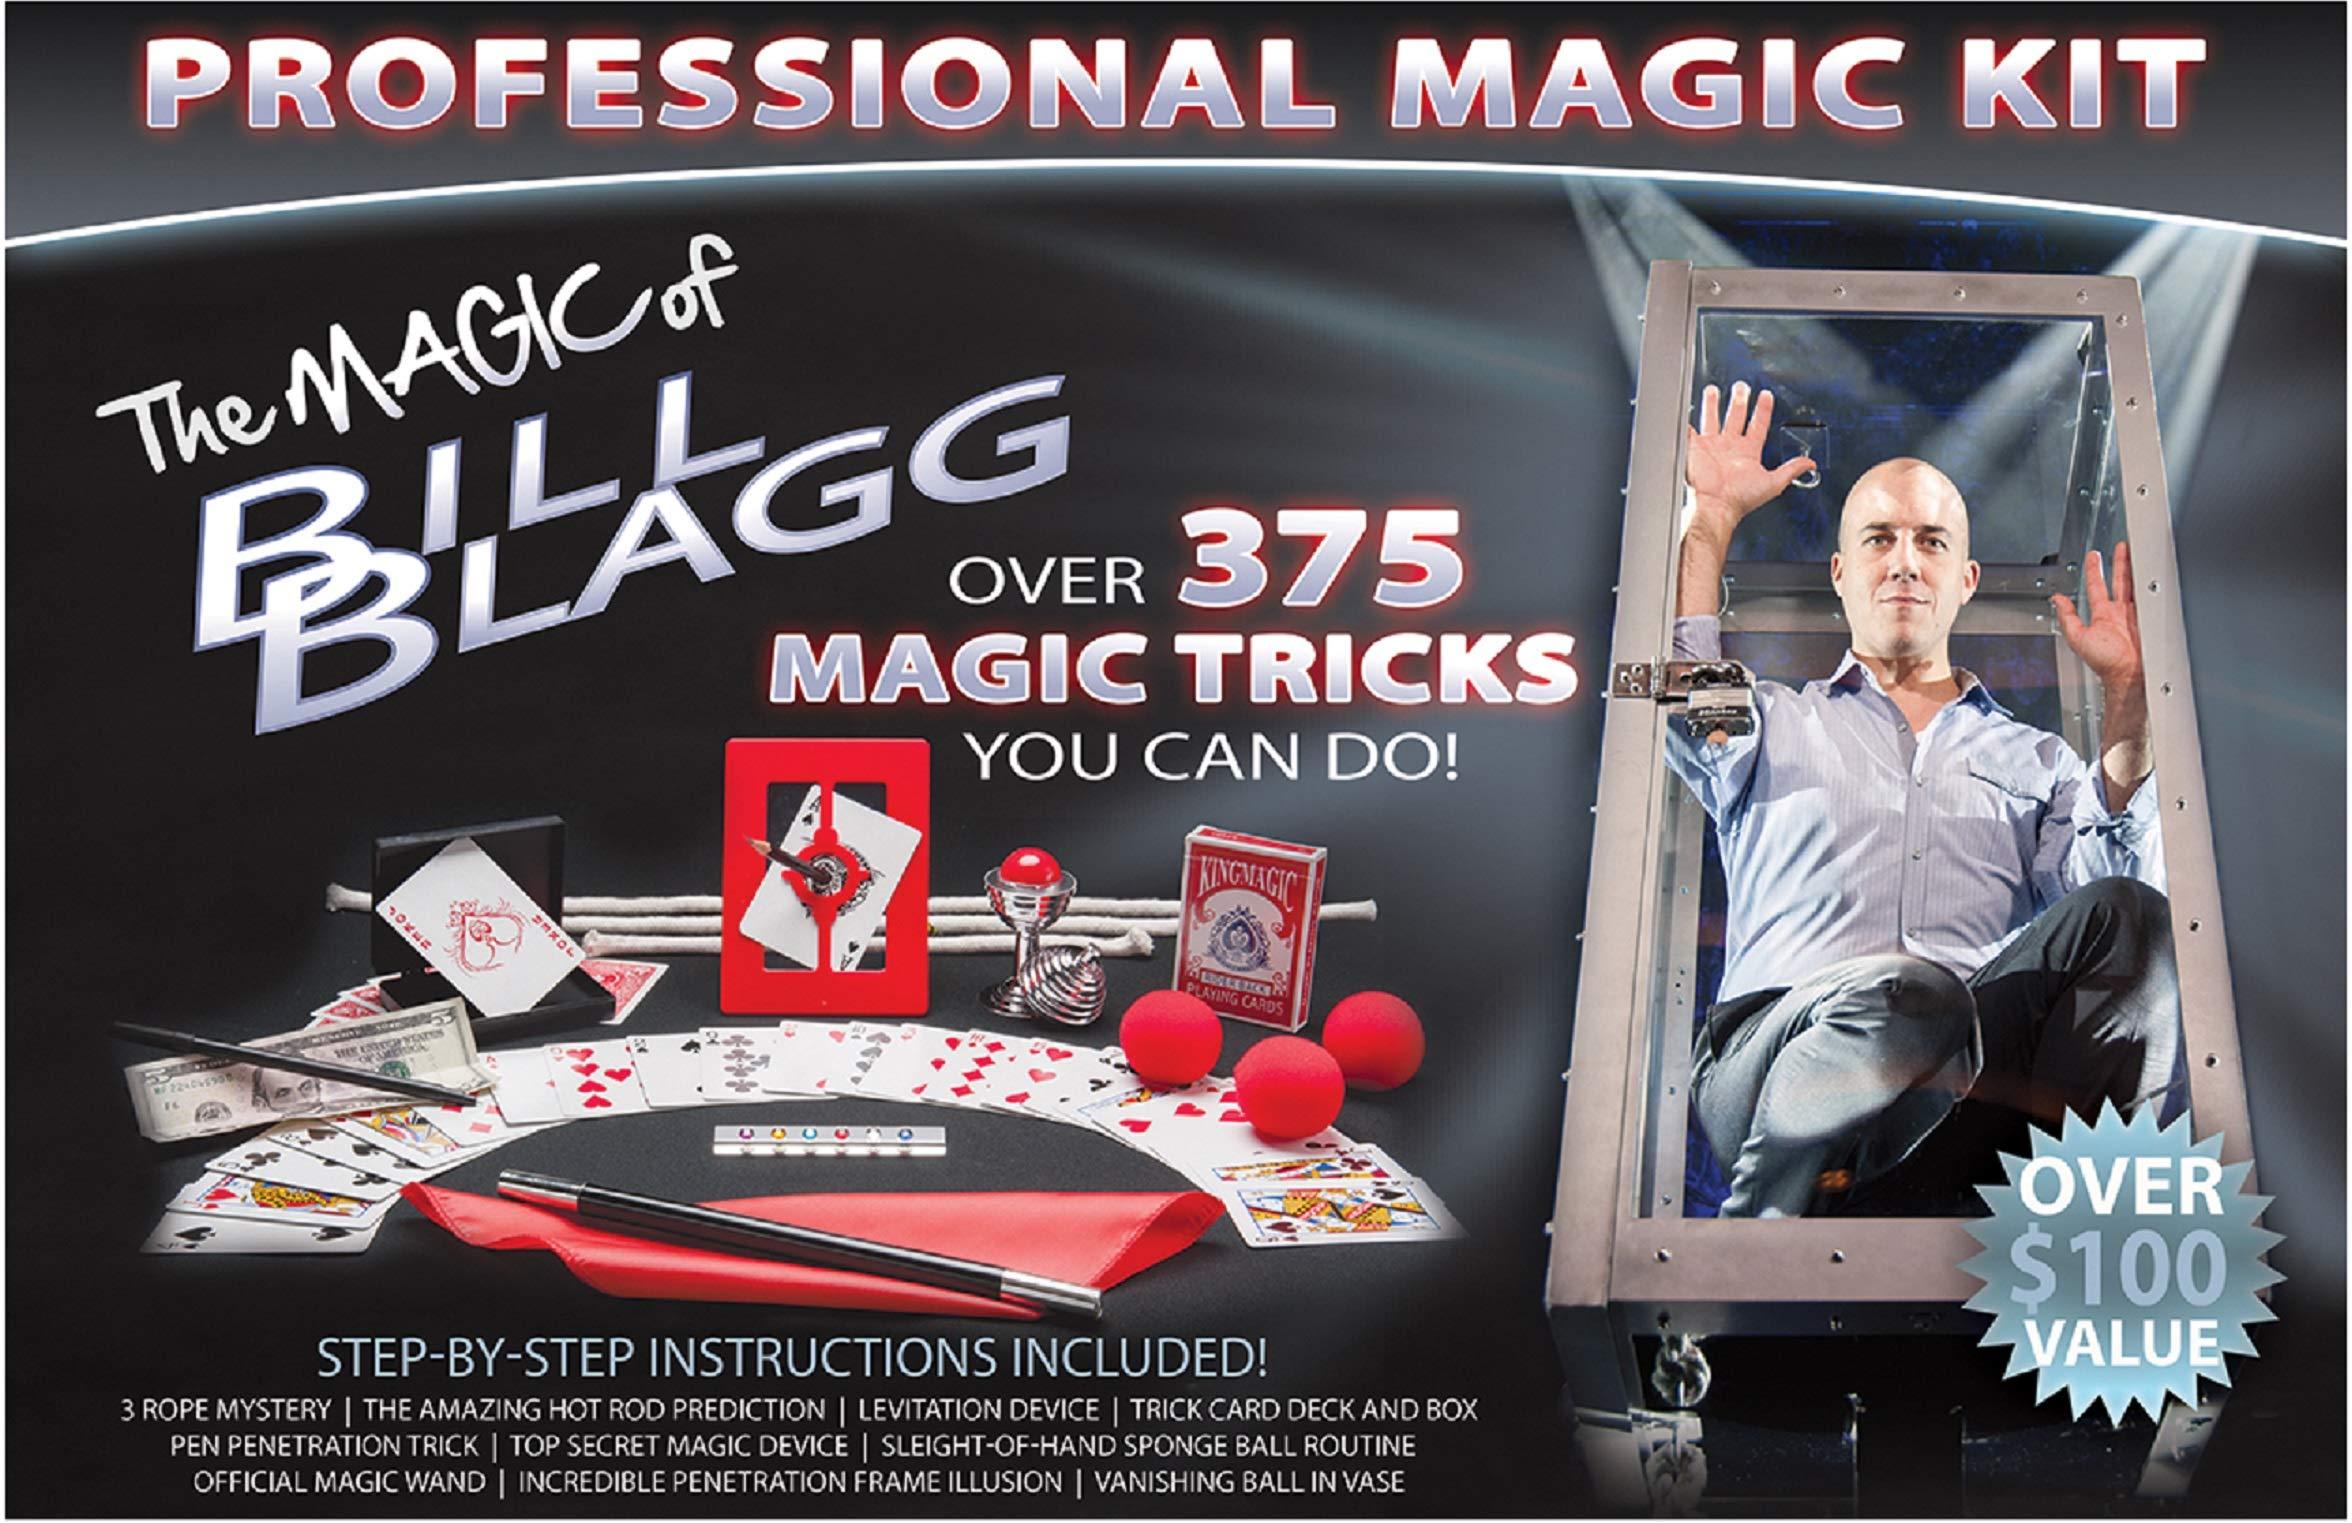 Bill Blagg Professional Magic Kit